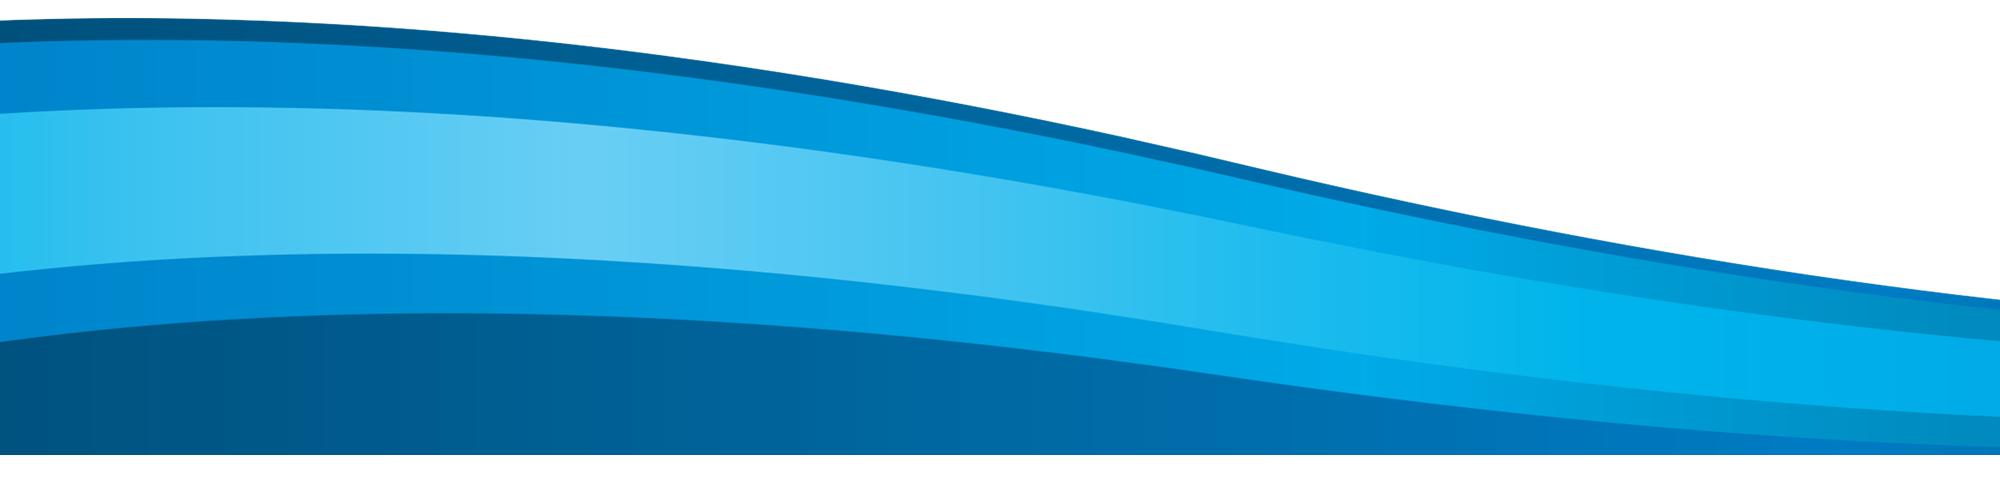 blue_bottom_divider.png